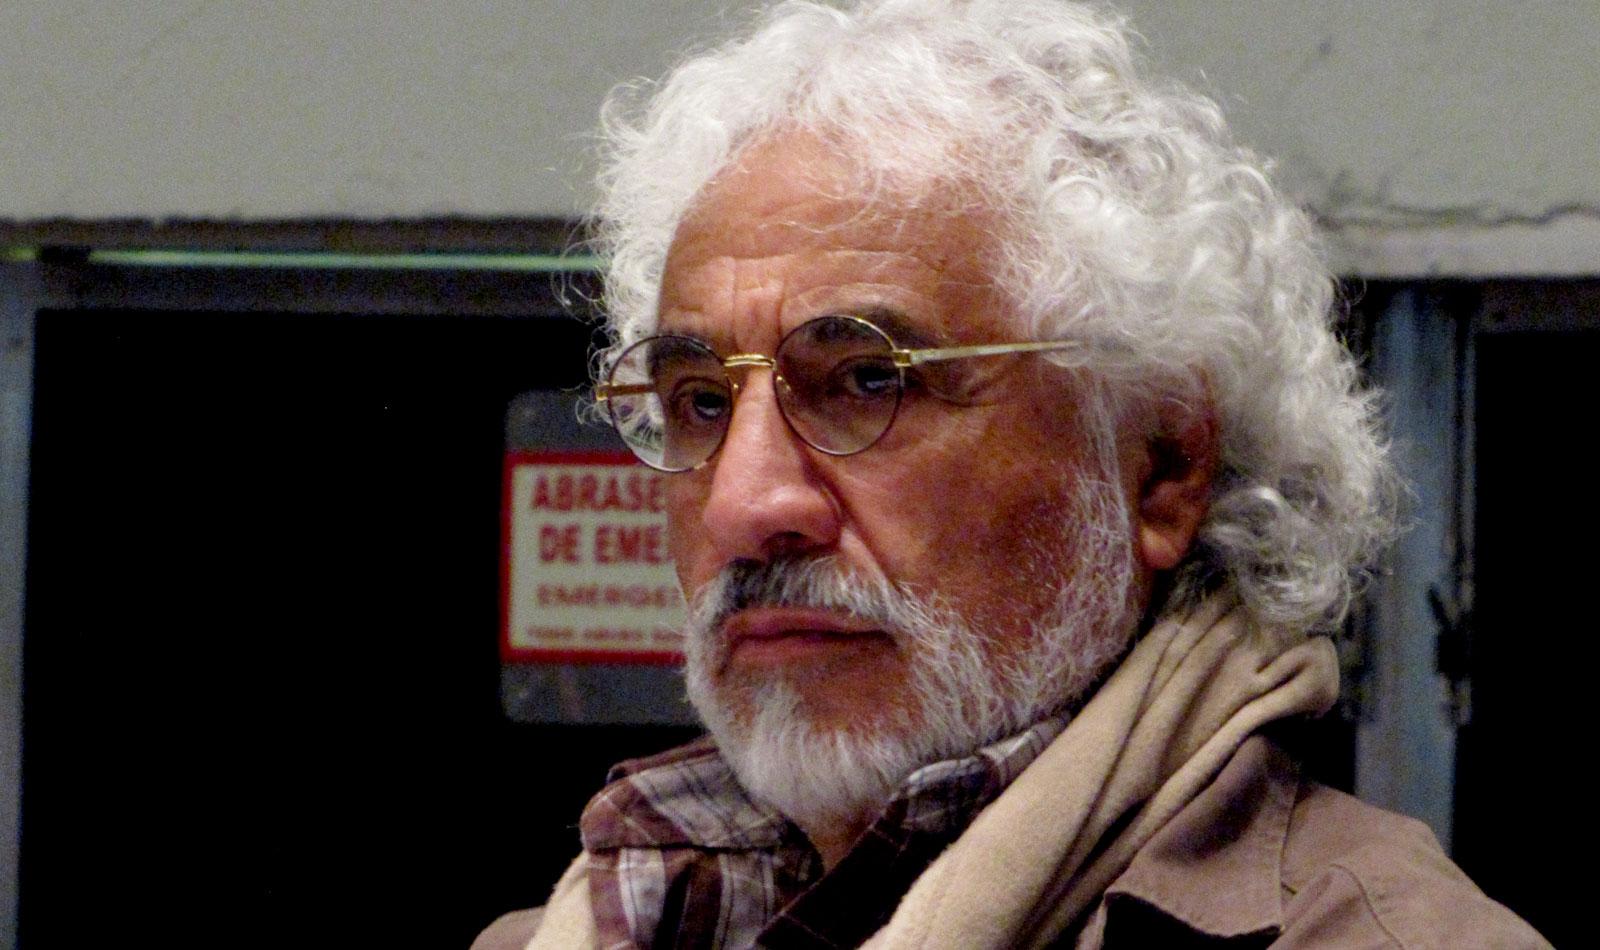 Secuestraron al actor Rafael Inclán